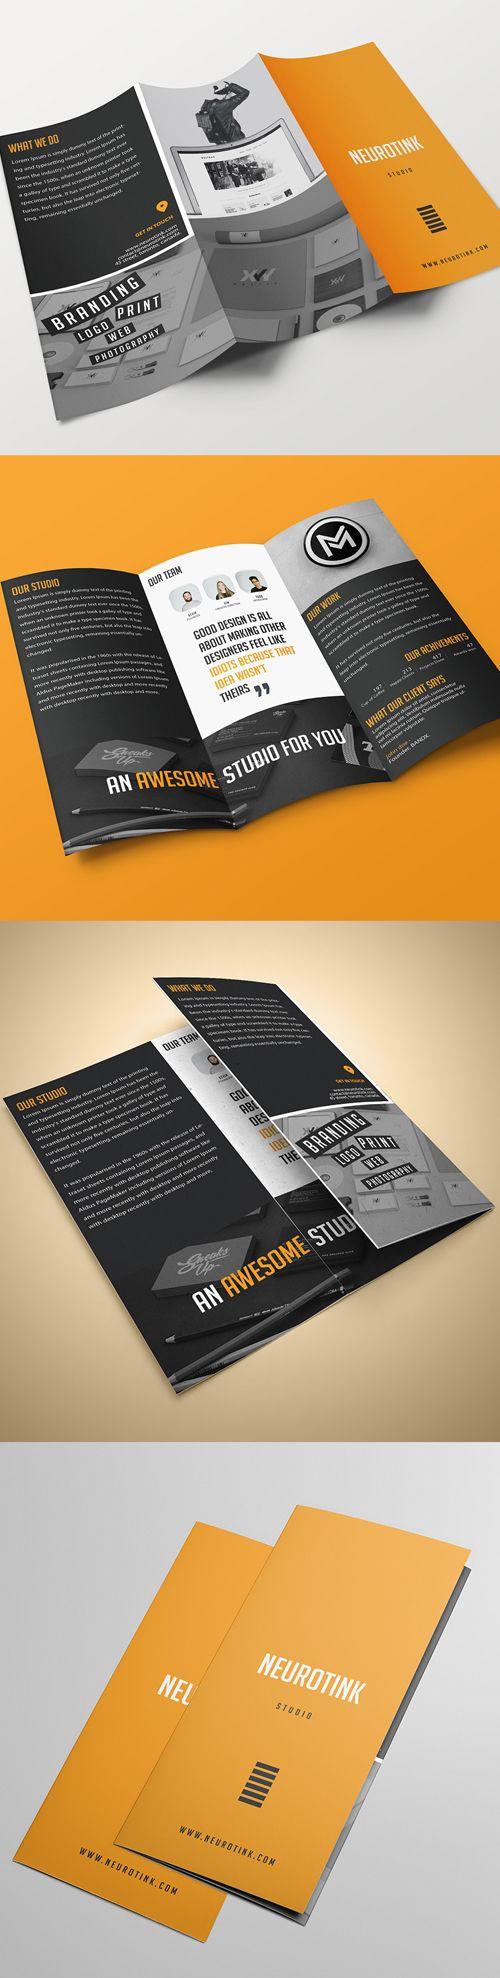 Tri-fold Brochure #Brochure #Template #Design #BrochureTemplate #TriFoldBrochure